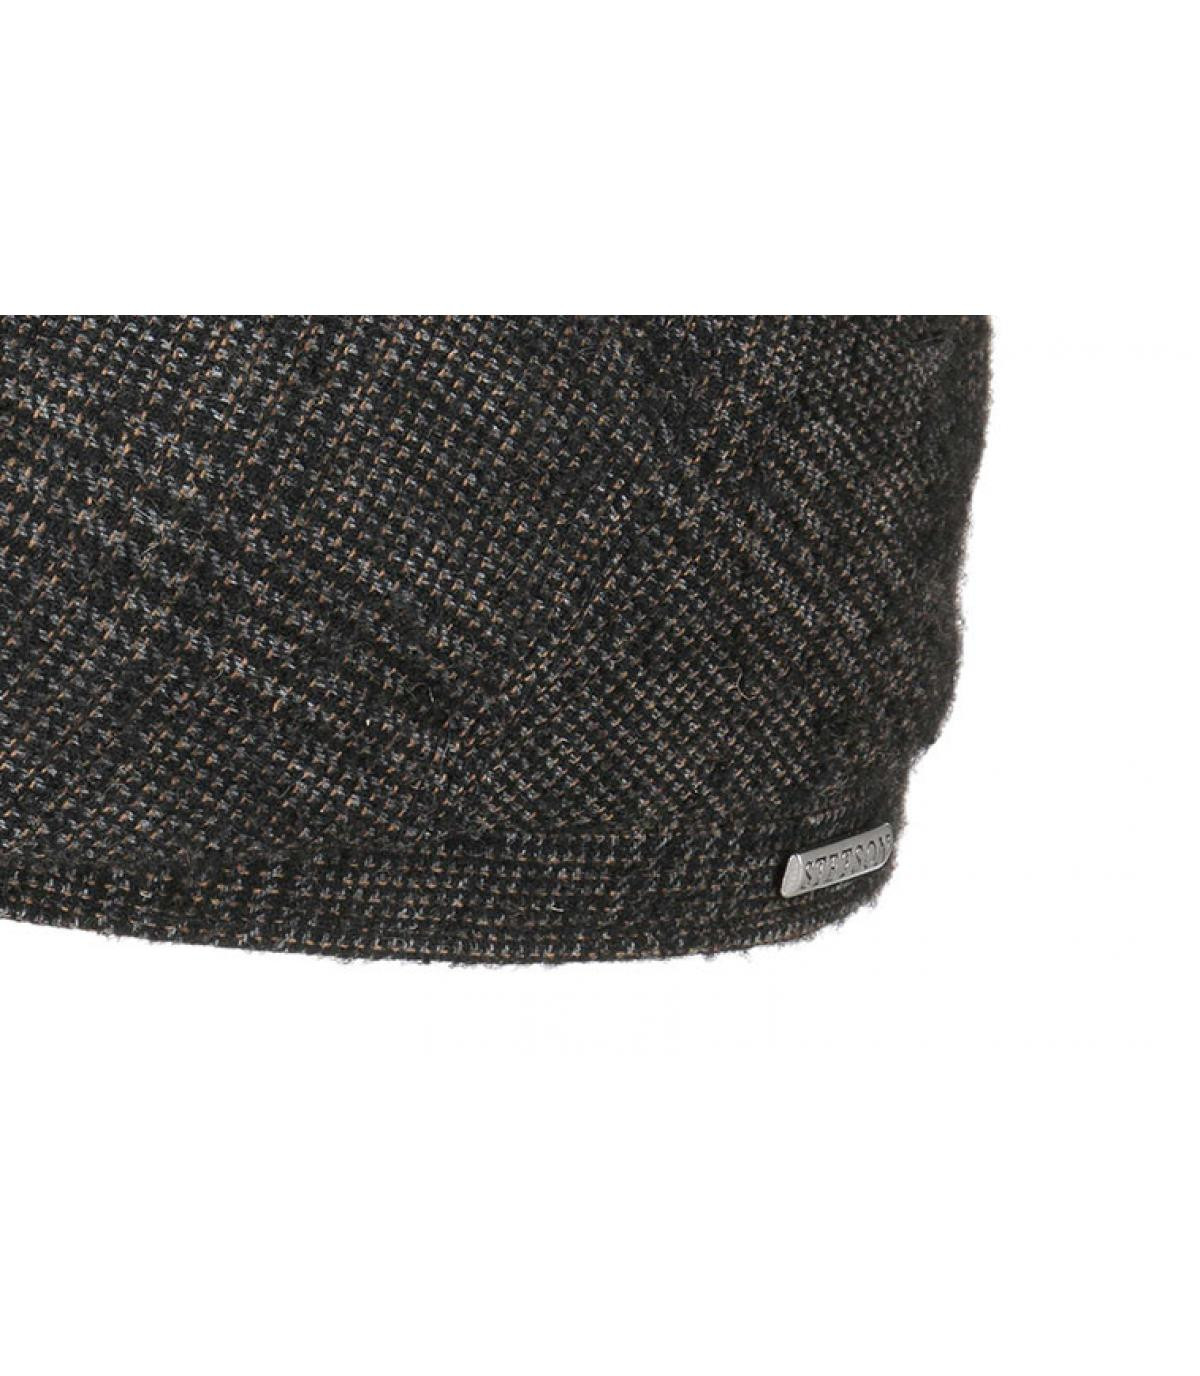 Detalles 6 Panel Wool brown grey check imagen 3